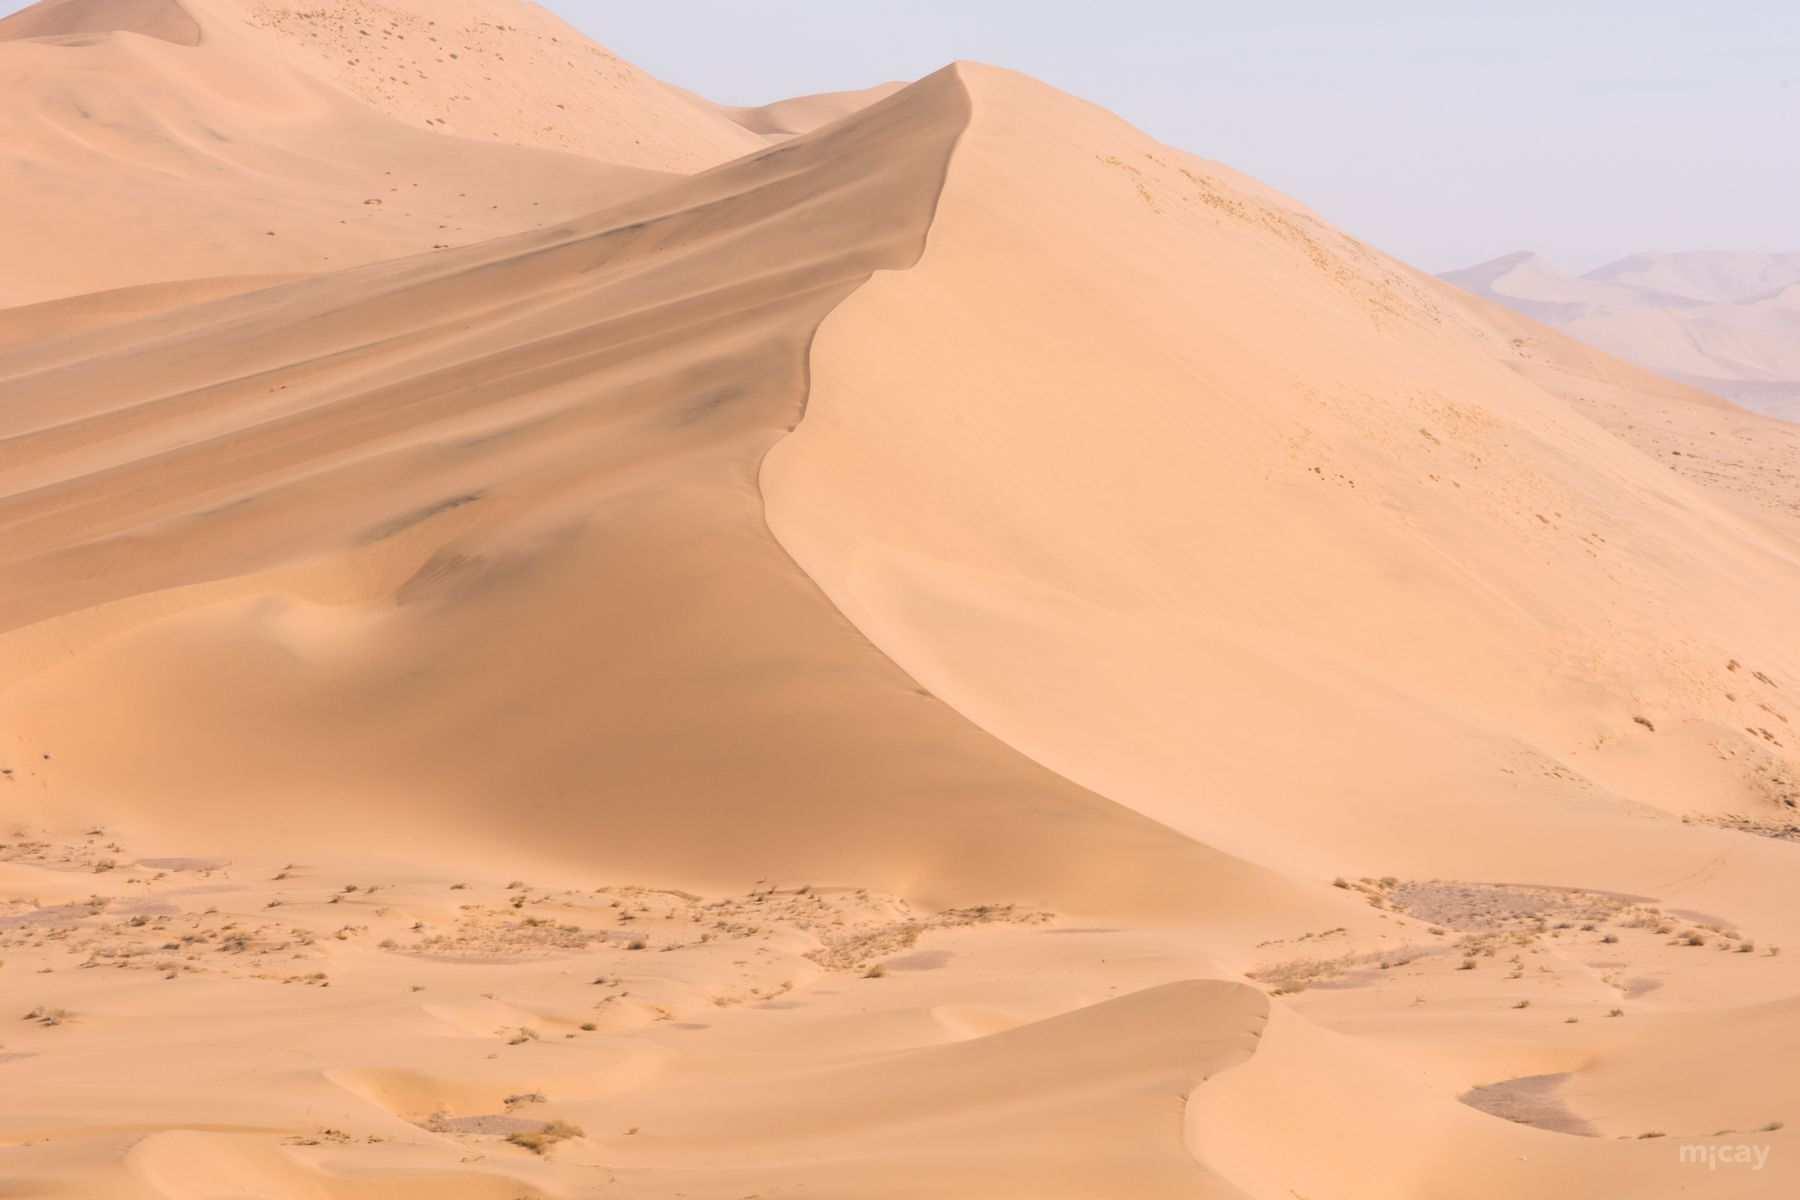 MichelAycaguer-Chine-Desert-BadainJaran-Dunes-Chameaux-14